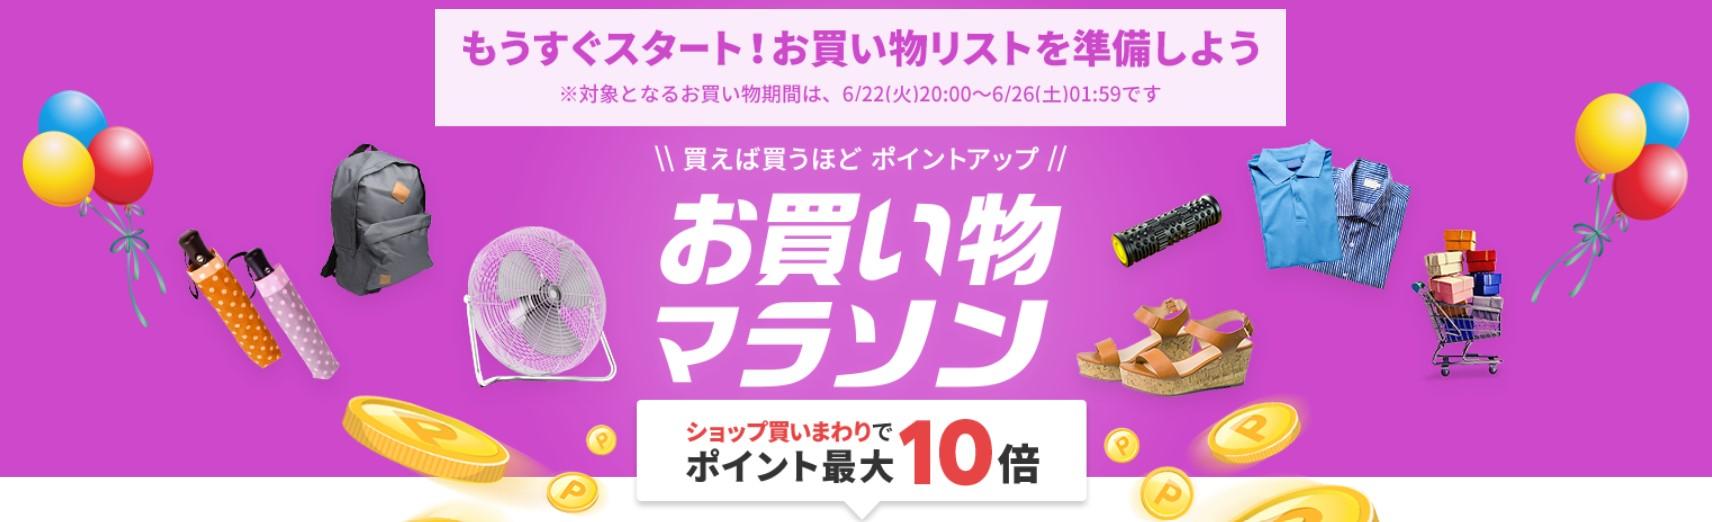 楽天お買い物マラソン2021年6月22日~